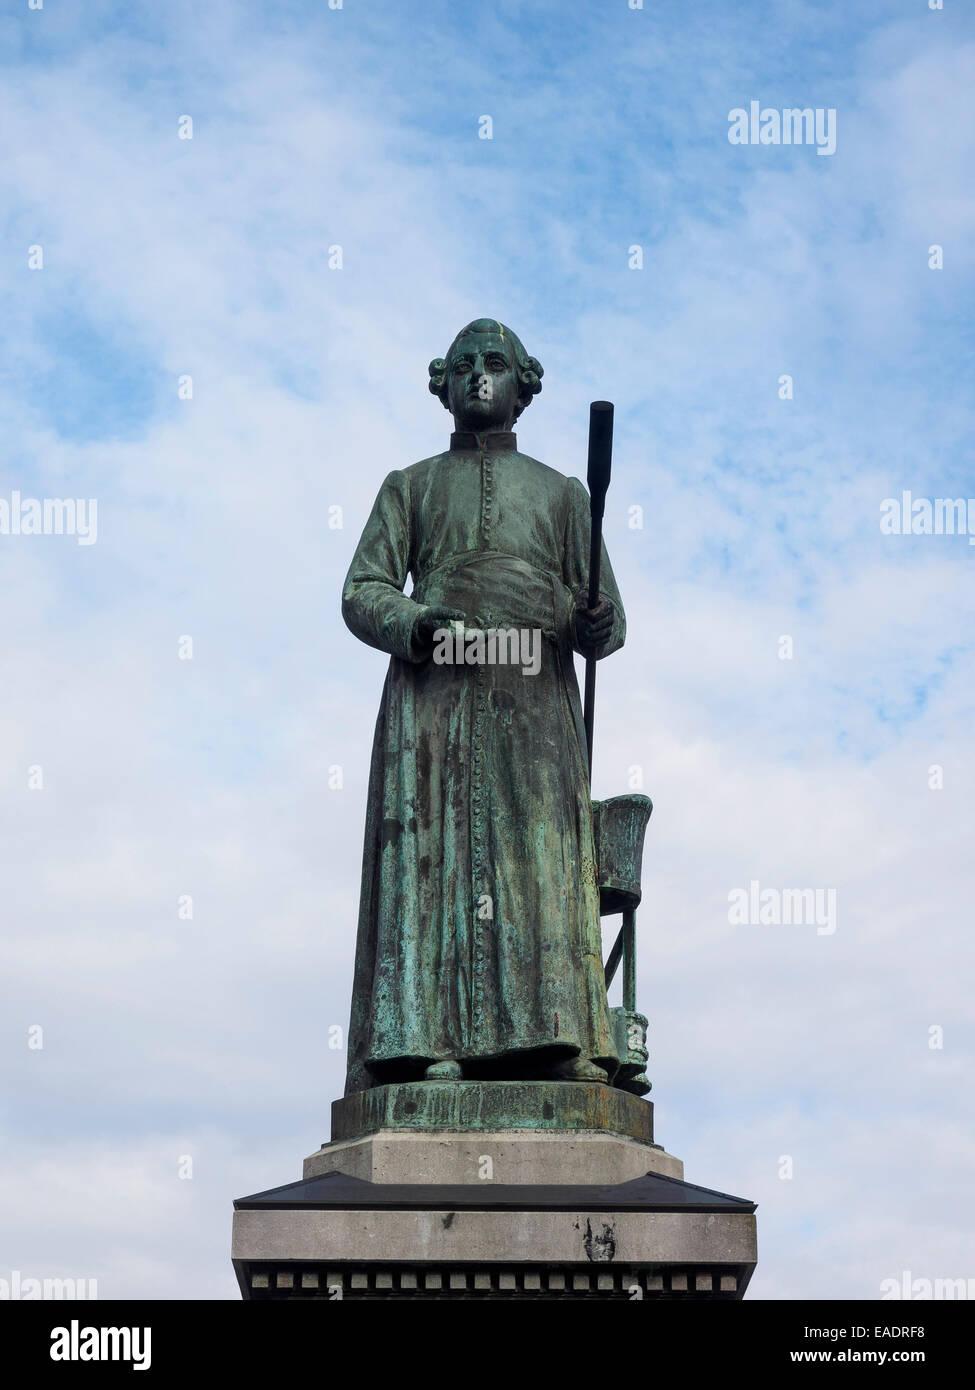 Jean-Pierre Minckelers statue in Maastricht, The Netherlands, Europe - Stock Image